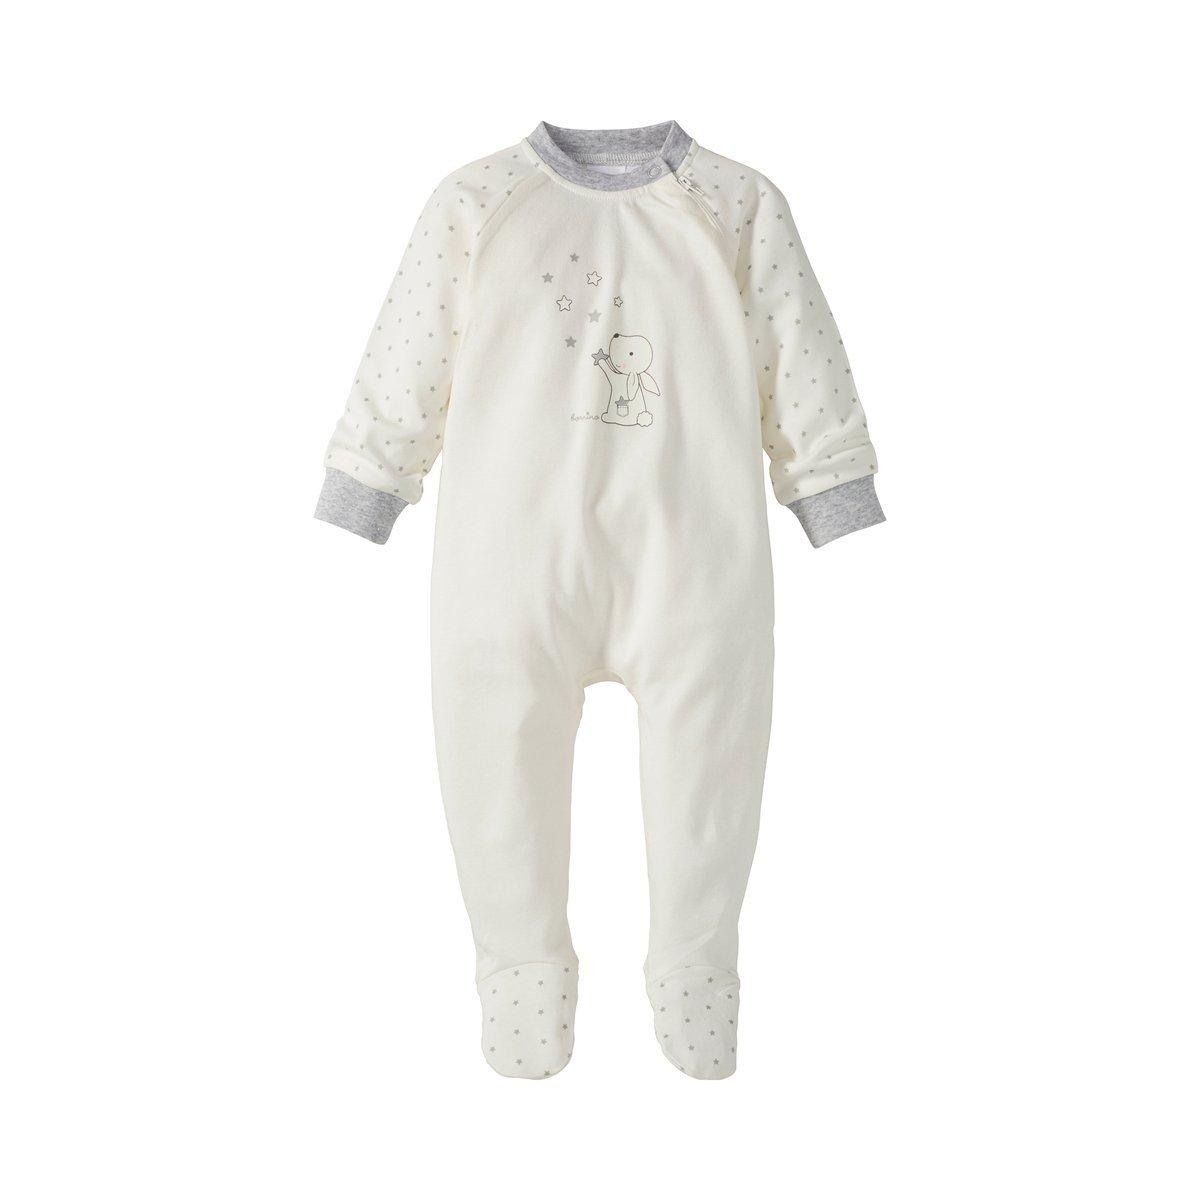 Baby-Pyjama mit Tier-Print /& seitlichem Rei/ßverschluss Bornino Schlafoverall Hase wollwei/ß//Sterne Allover Strampler aus Reiner Baumwolle